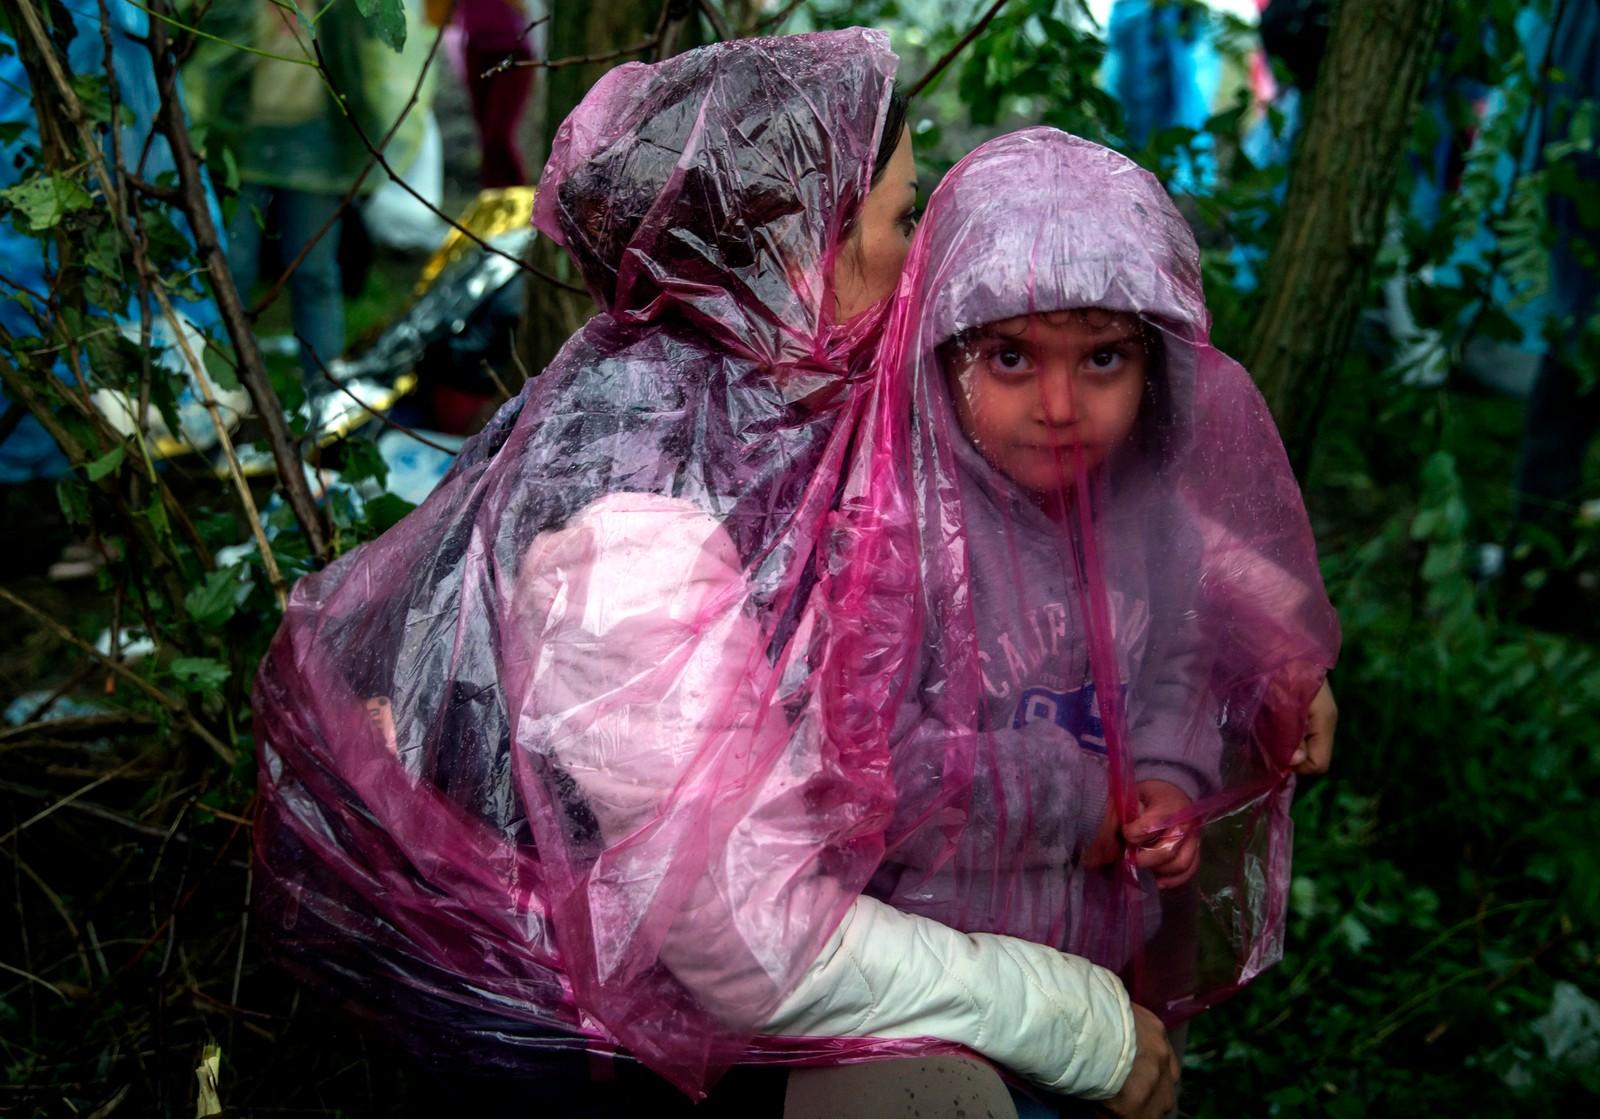 Flyktninger beskytter seg mot regnet mens de venter på å krysse den kroatiske grensen nær landsbyen Berkasovo i Serbia.